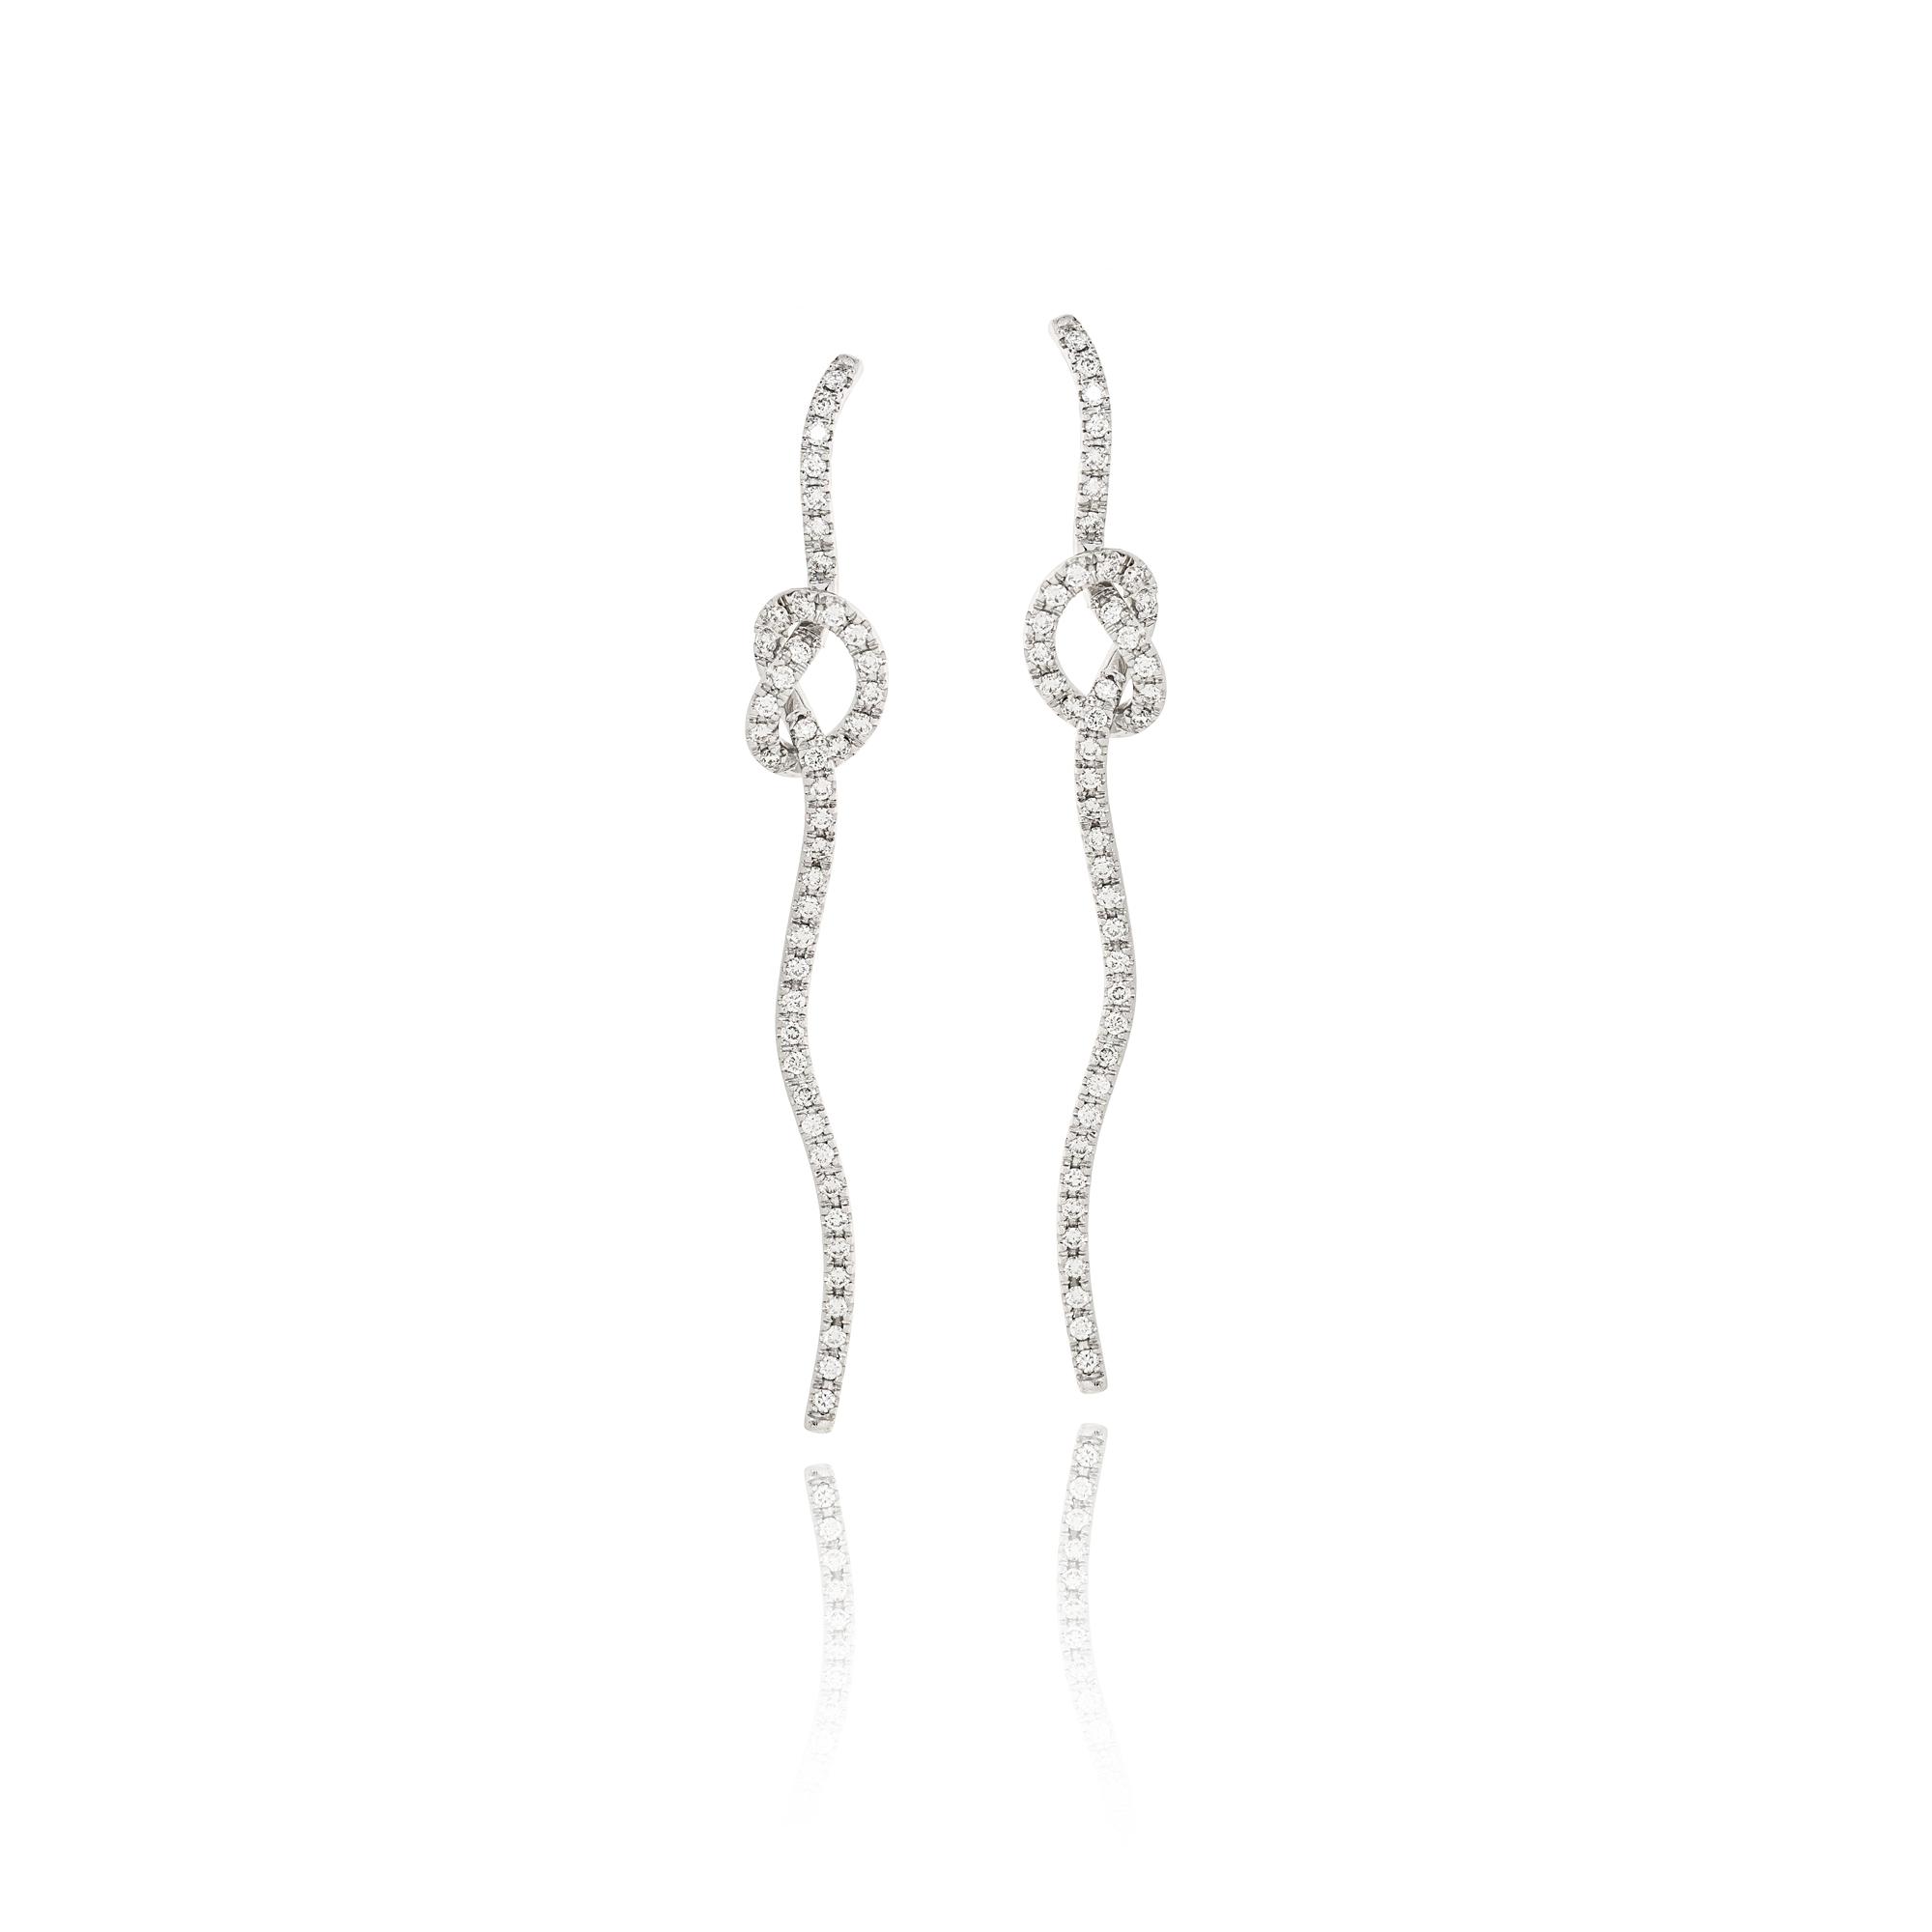 Earrings nastri nodo white gold 18kt with diamonds